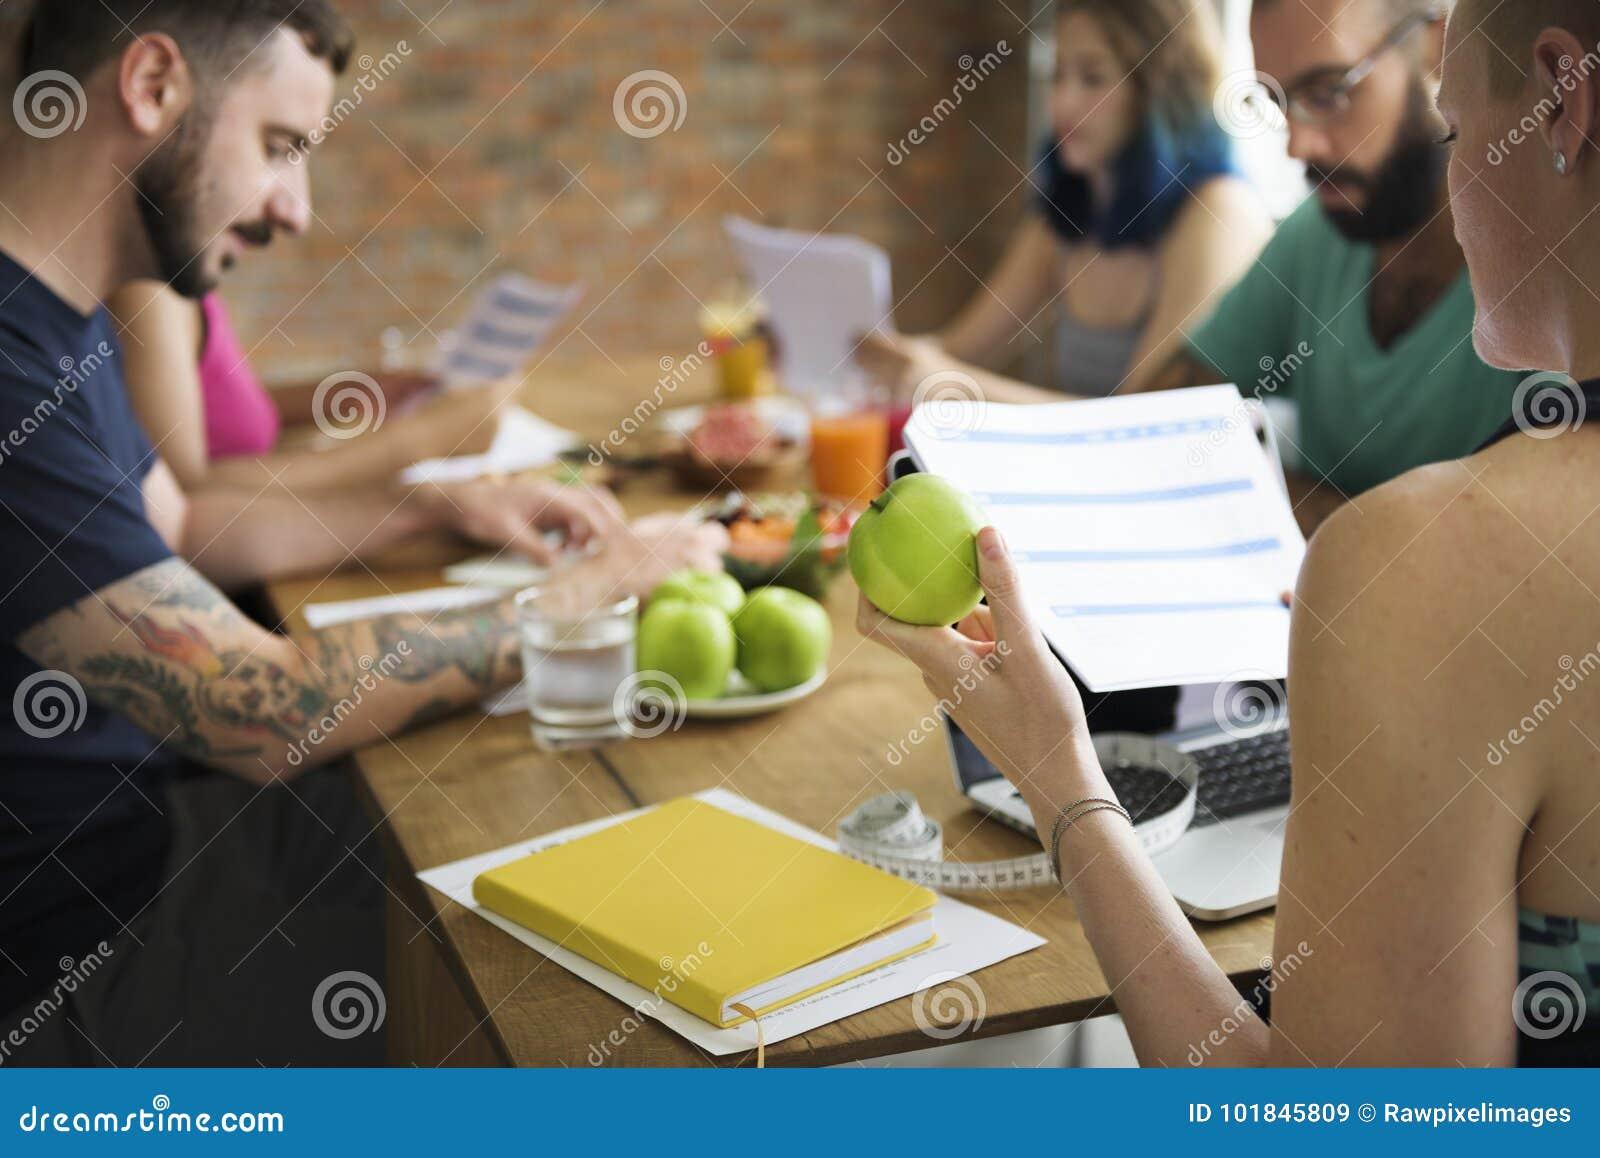 Un groupe de personnes en bonne santé diverses étudiant la santé forment ensemble